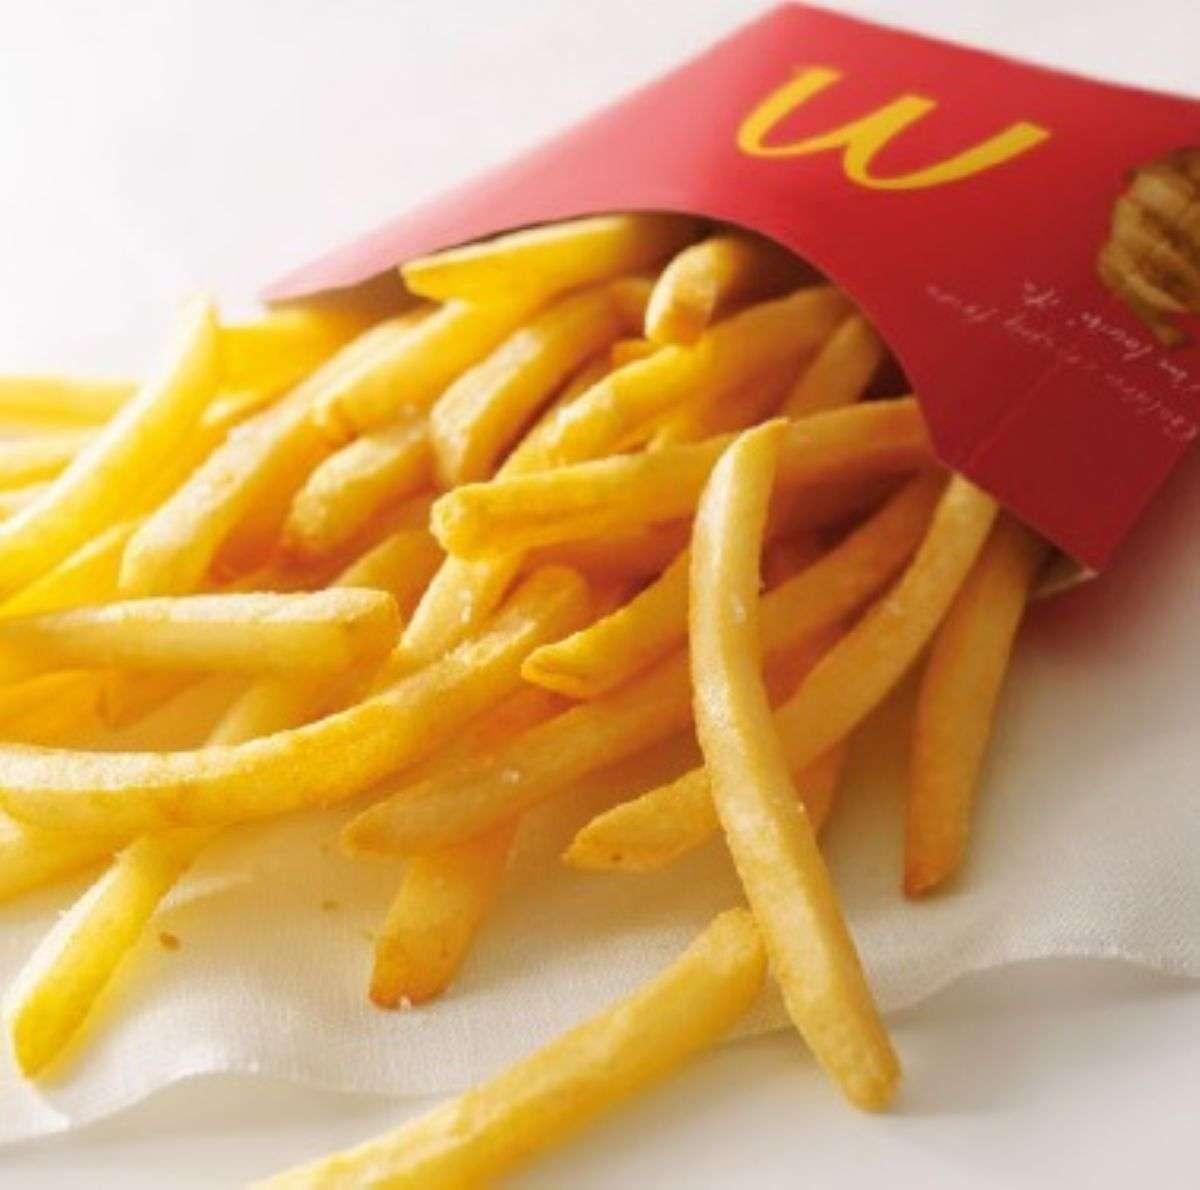 なぜマクドナルドは、値段が高いバーガーが増えても客数が減らないのか?